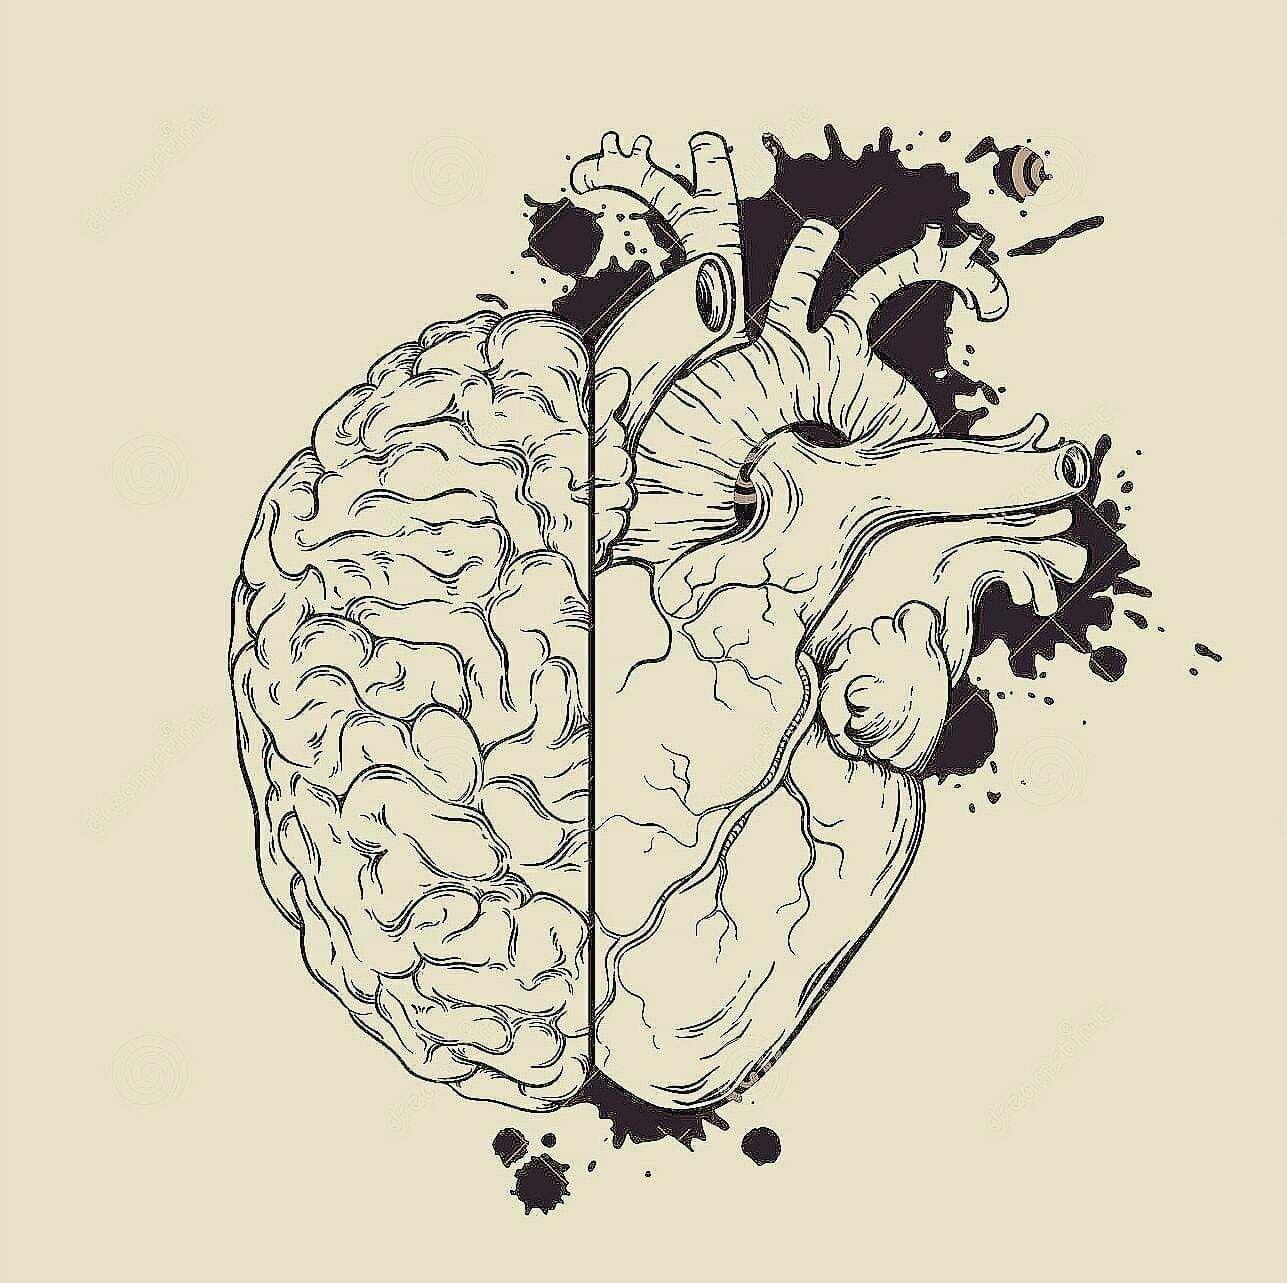 La memoria è una fabbrica che lavora giorno e notte, sarebbe stato  l'incipit. Immagazzina, classifica, riproduce. Inventa. Prende un nome o un  fatto e lo seppellisce chissà dove, un episodio lo costruisce di sana pianta,  magari appoggiandosi a qualcosa che è successo davvero, per cui non di rado  i ricordi inventati risultano piú vividi e credibili di quelli reali, che si  presentano monchi, o con la messa a fuoco difettosa. La memoria,spesso, è  una dannazione.Tira fuori episodi imbar #magariungiorno